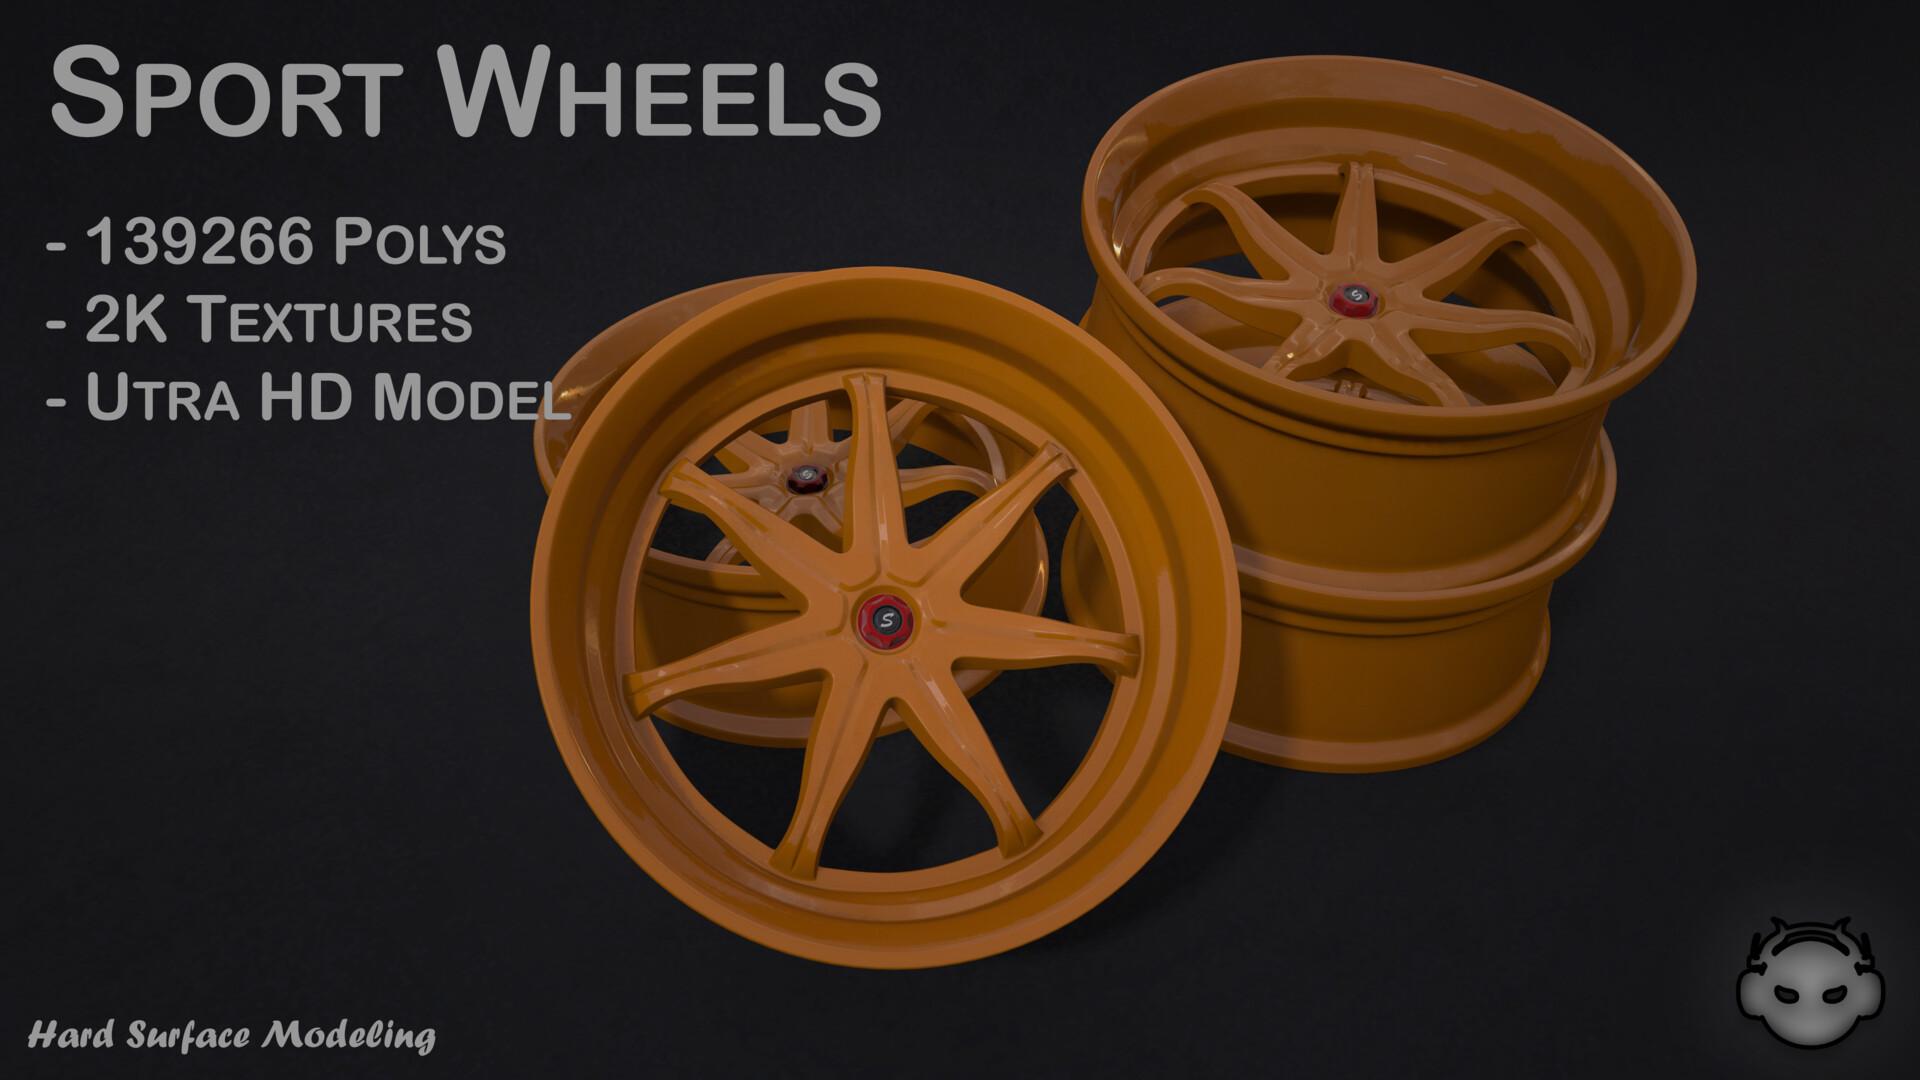 ArtStation - Sport Wheels, Kirill Egorov